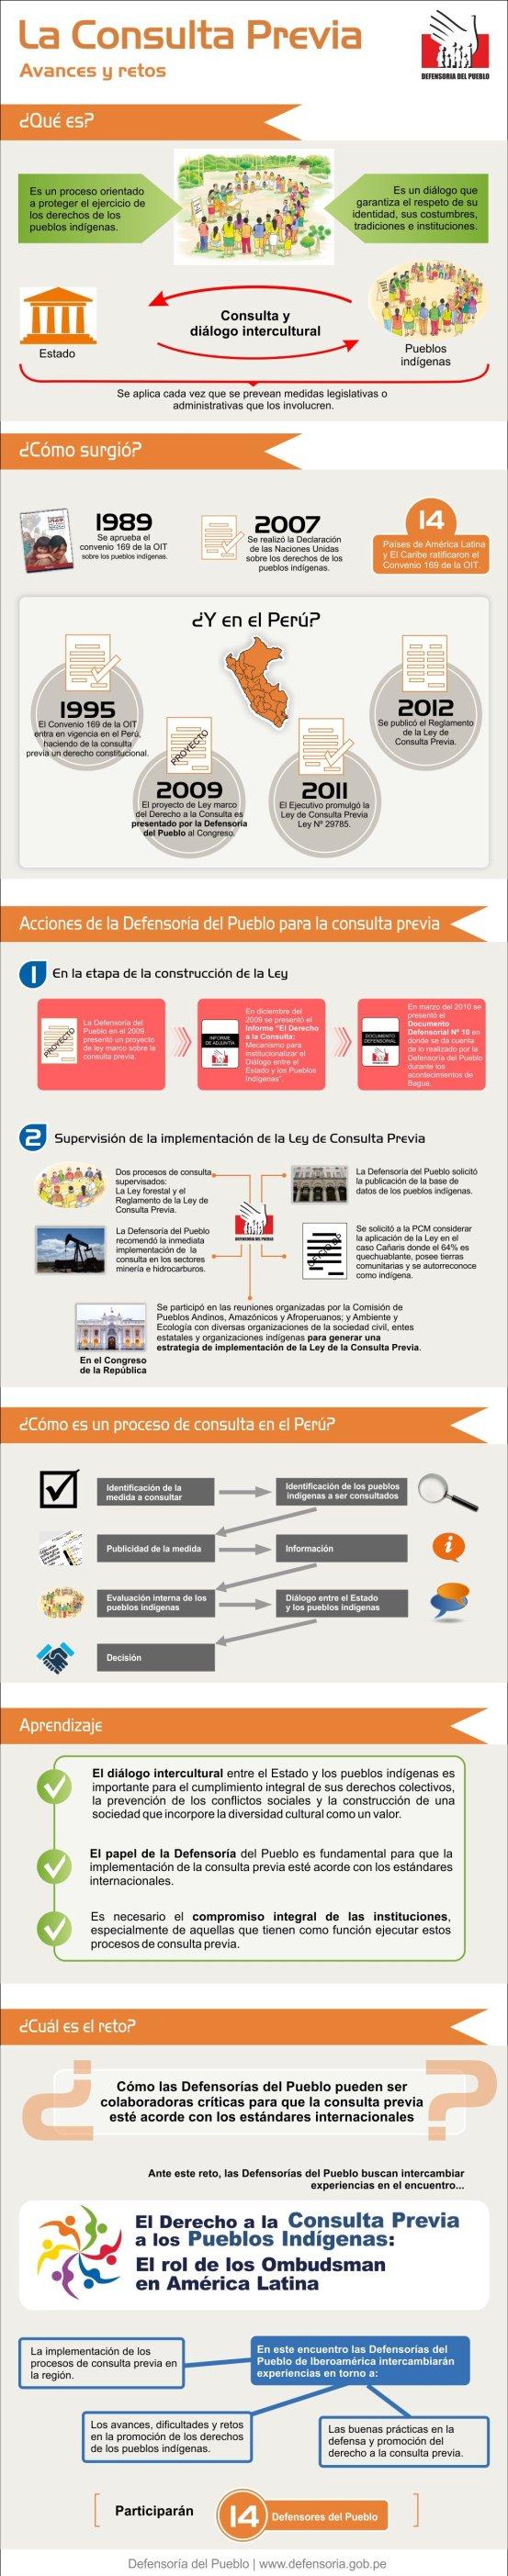 Infografia-consulta-previa-final-DEfendoría del Pueblo